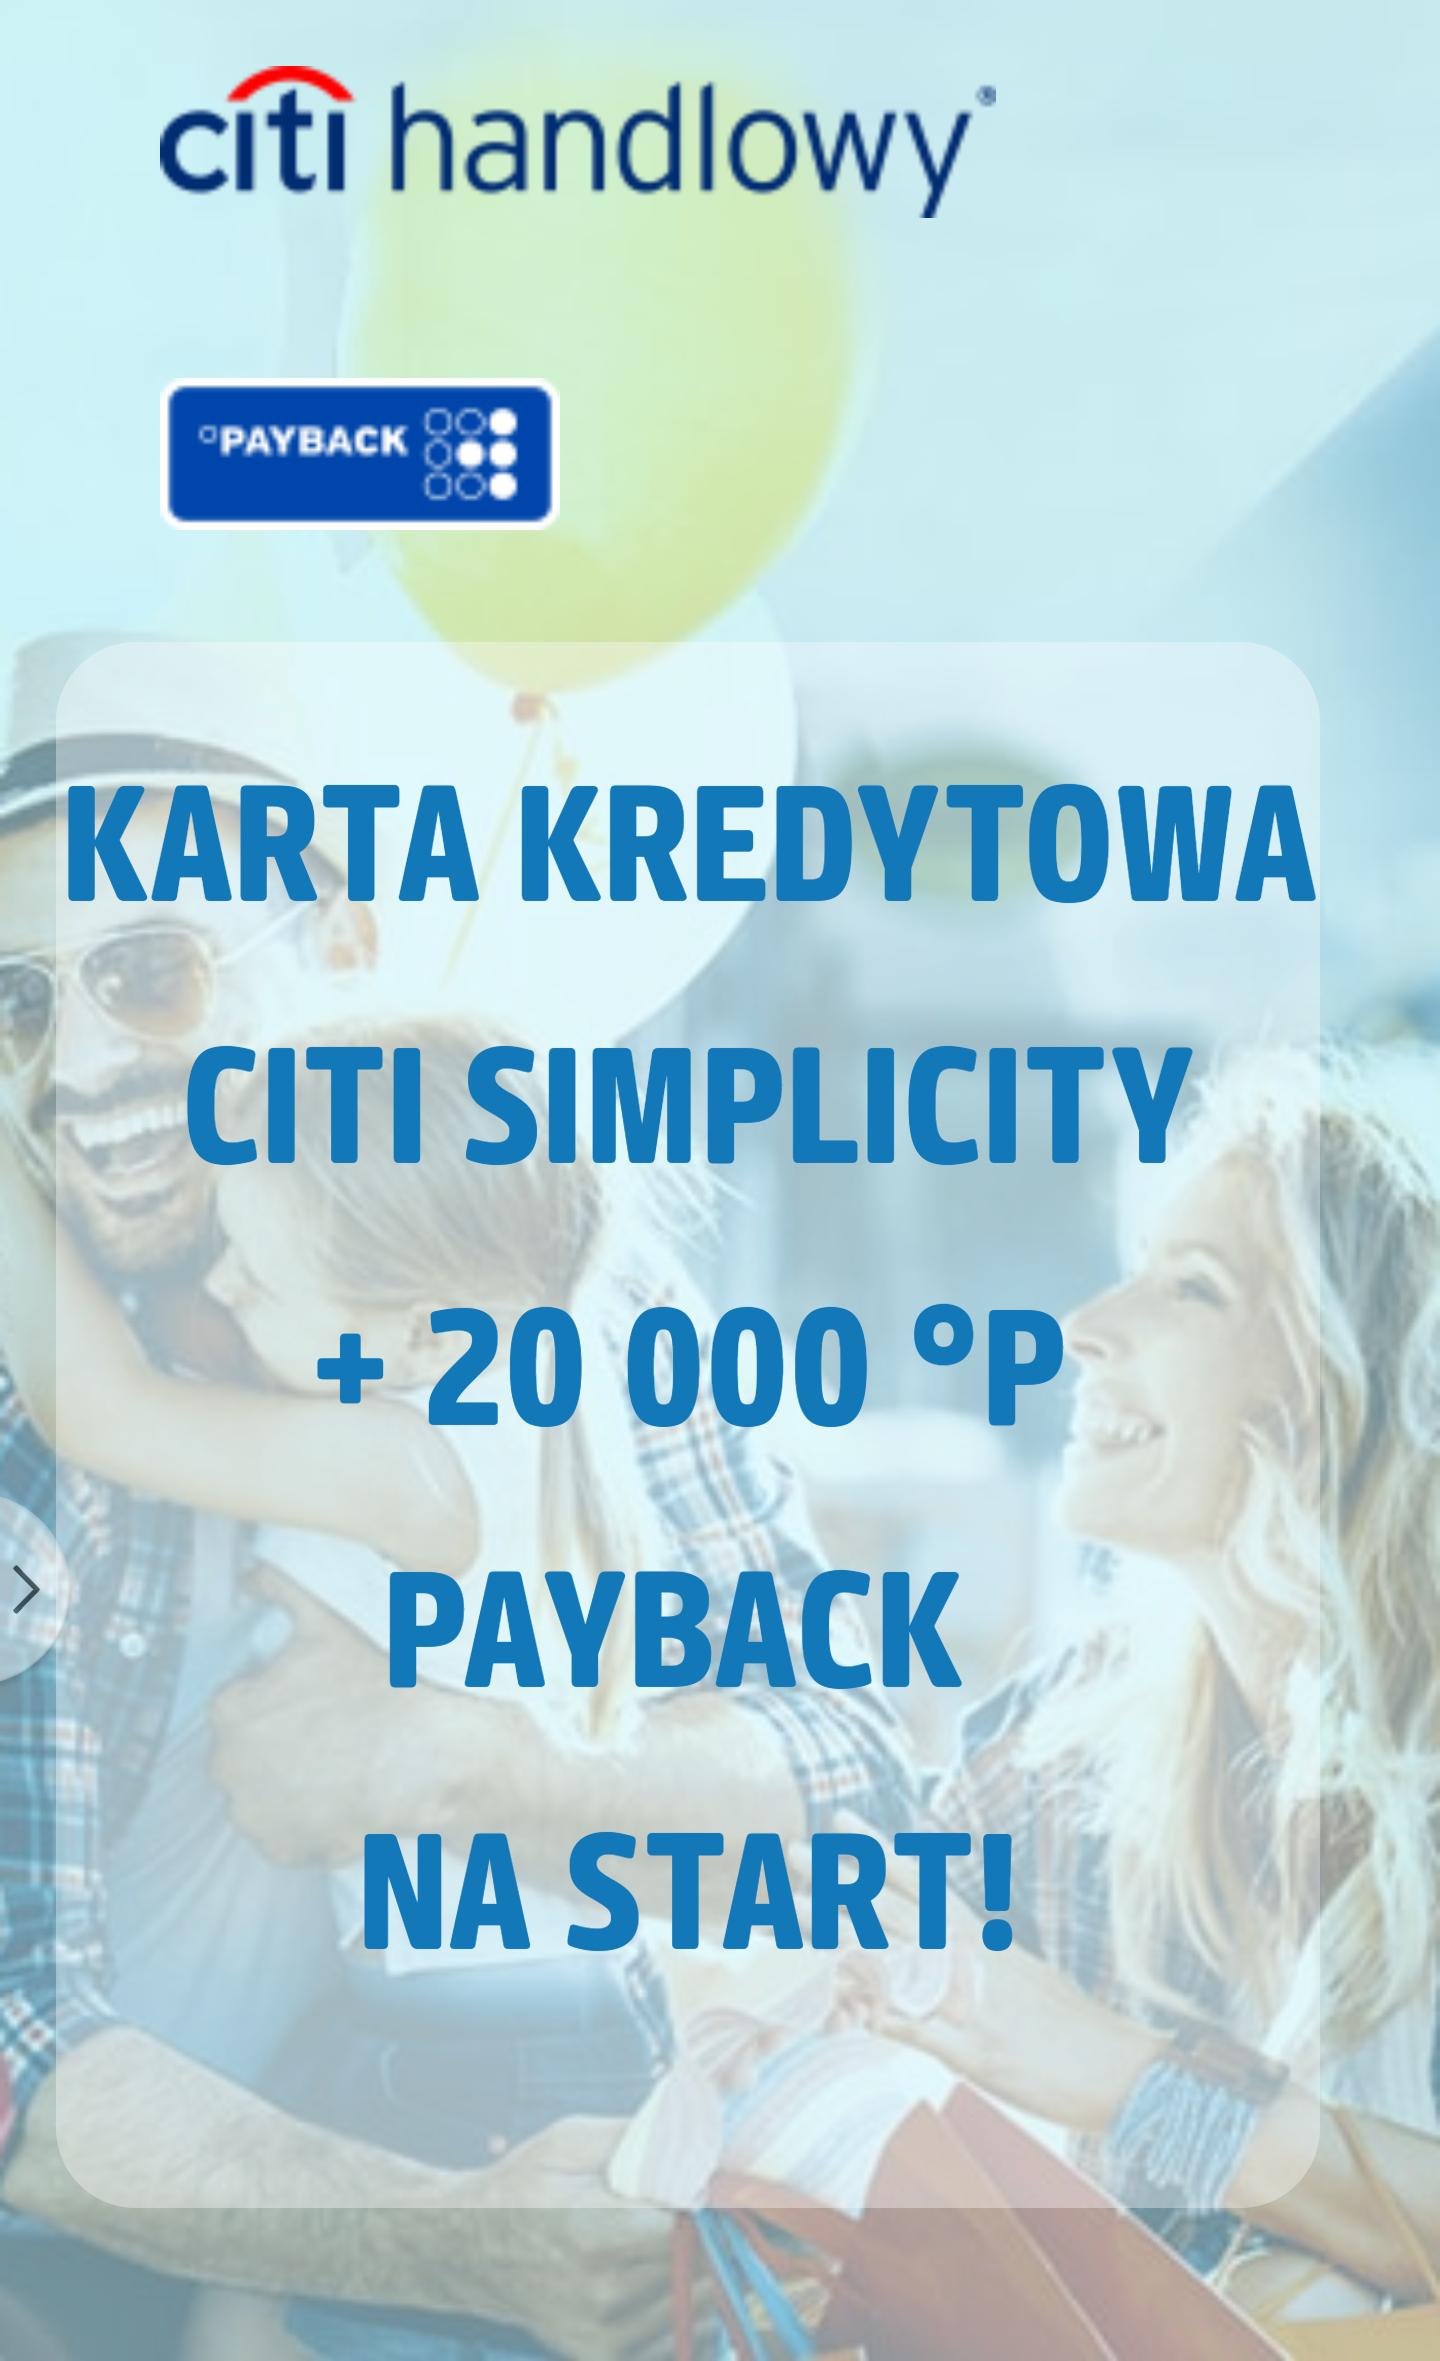 Karta kredytowa City Simplicity i 20 000pkt PayBack